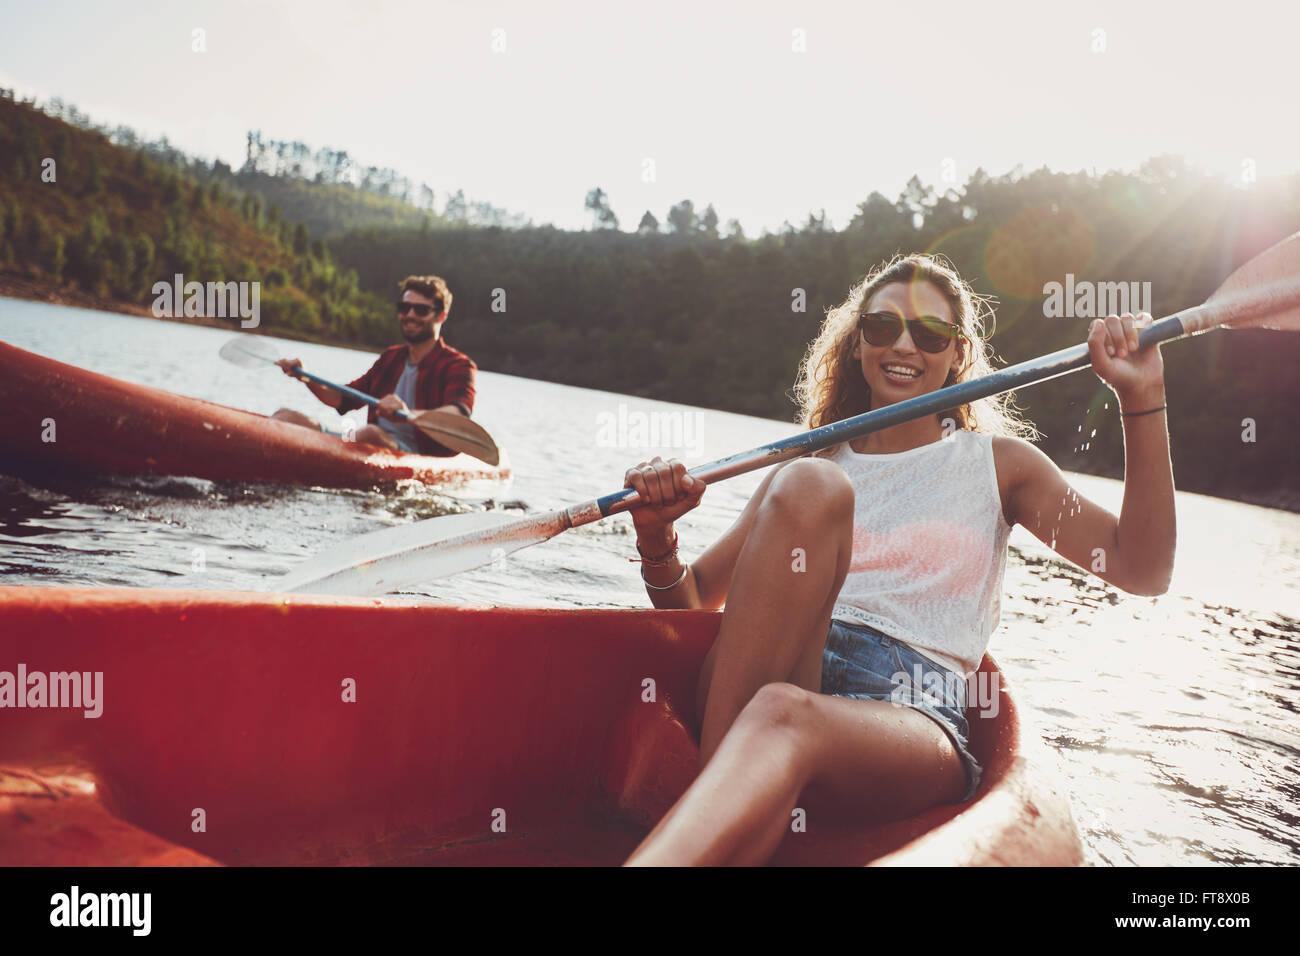 Bella giovane donna kayak in un lago con l uomo paddling in background. Coppia giovane in canoa sul giorno di estate. Immagini Stock